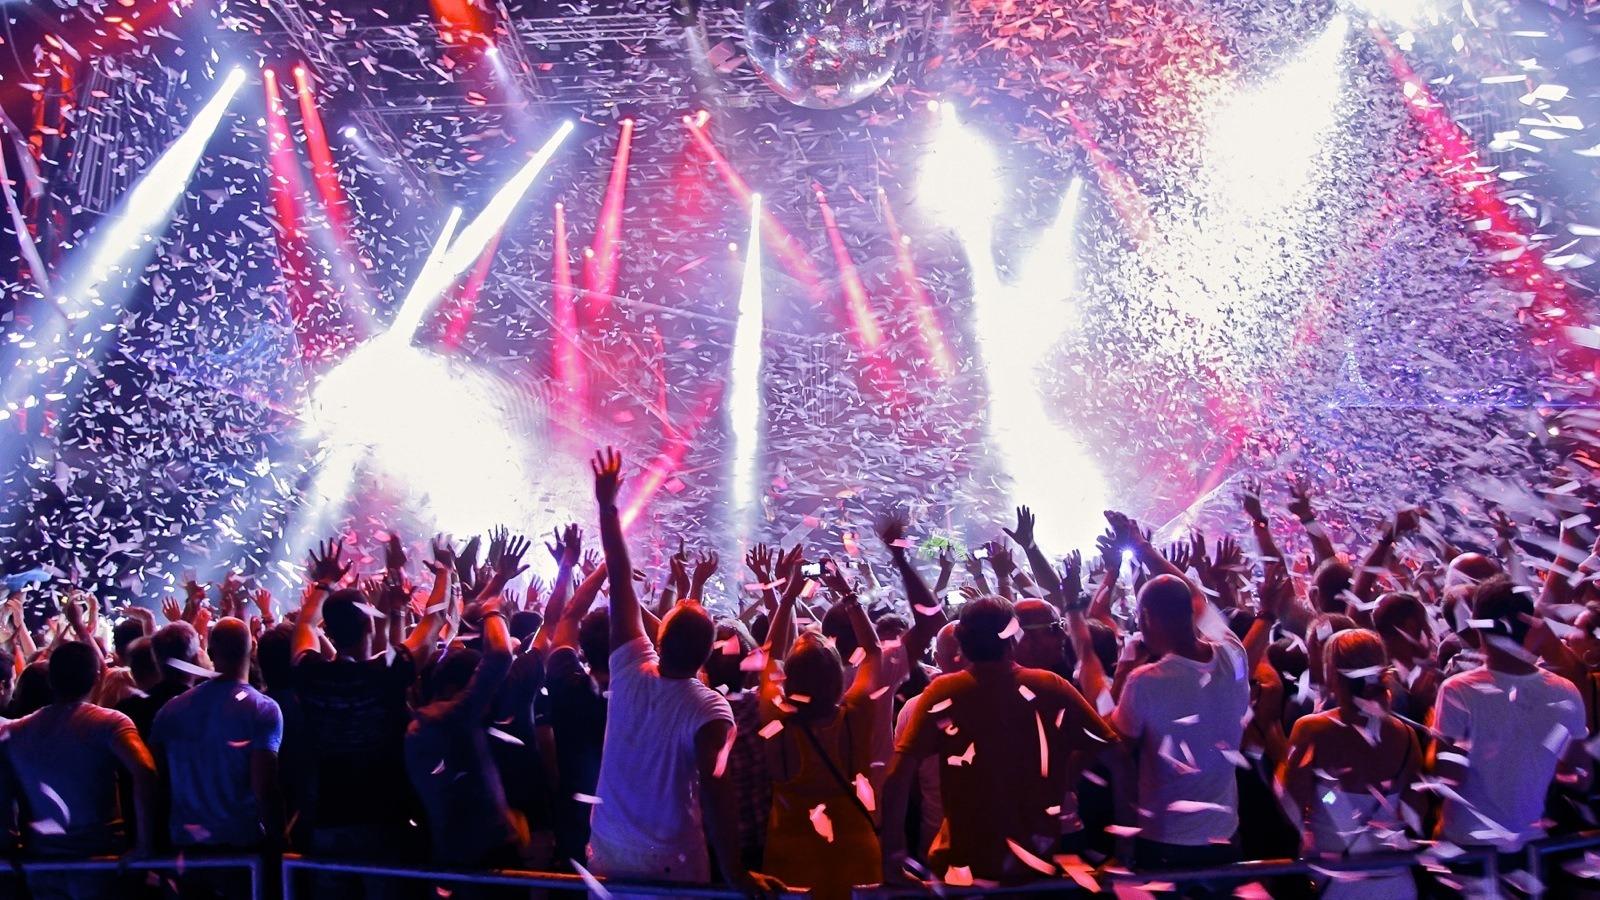 خروجتك عندنا.. «كاريزما باند» في الساقية ومهرجان «أيام القاهرة السينمائي» بزاوية